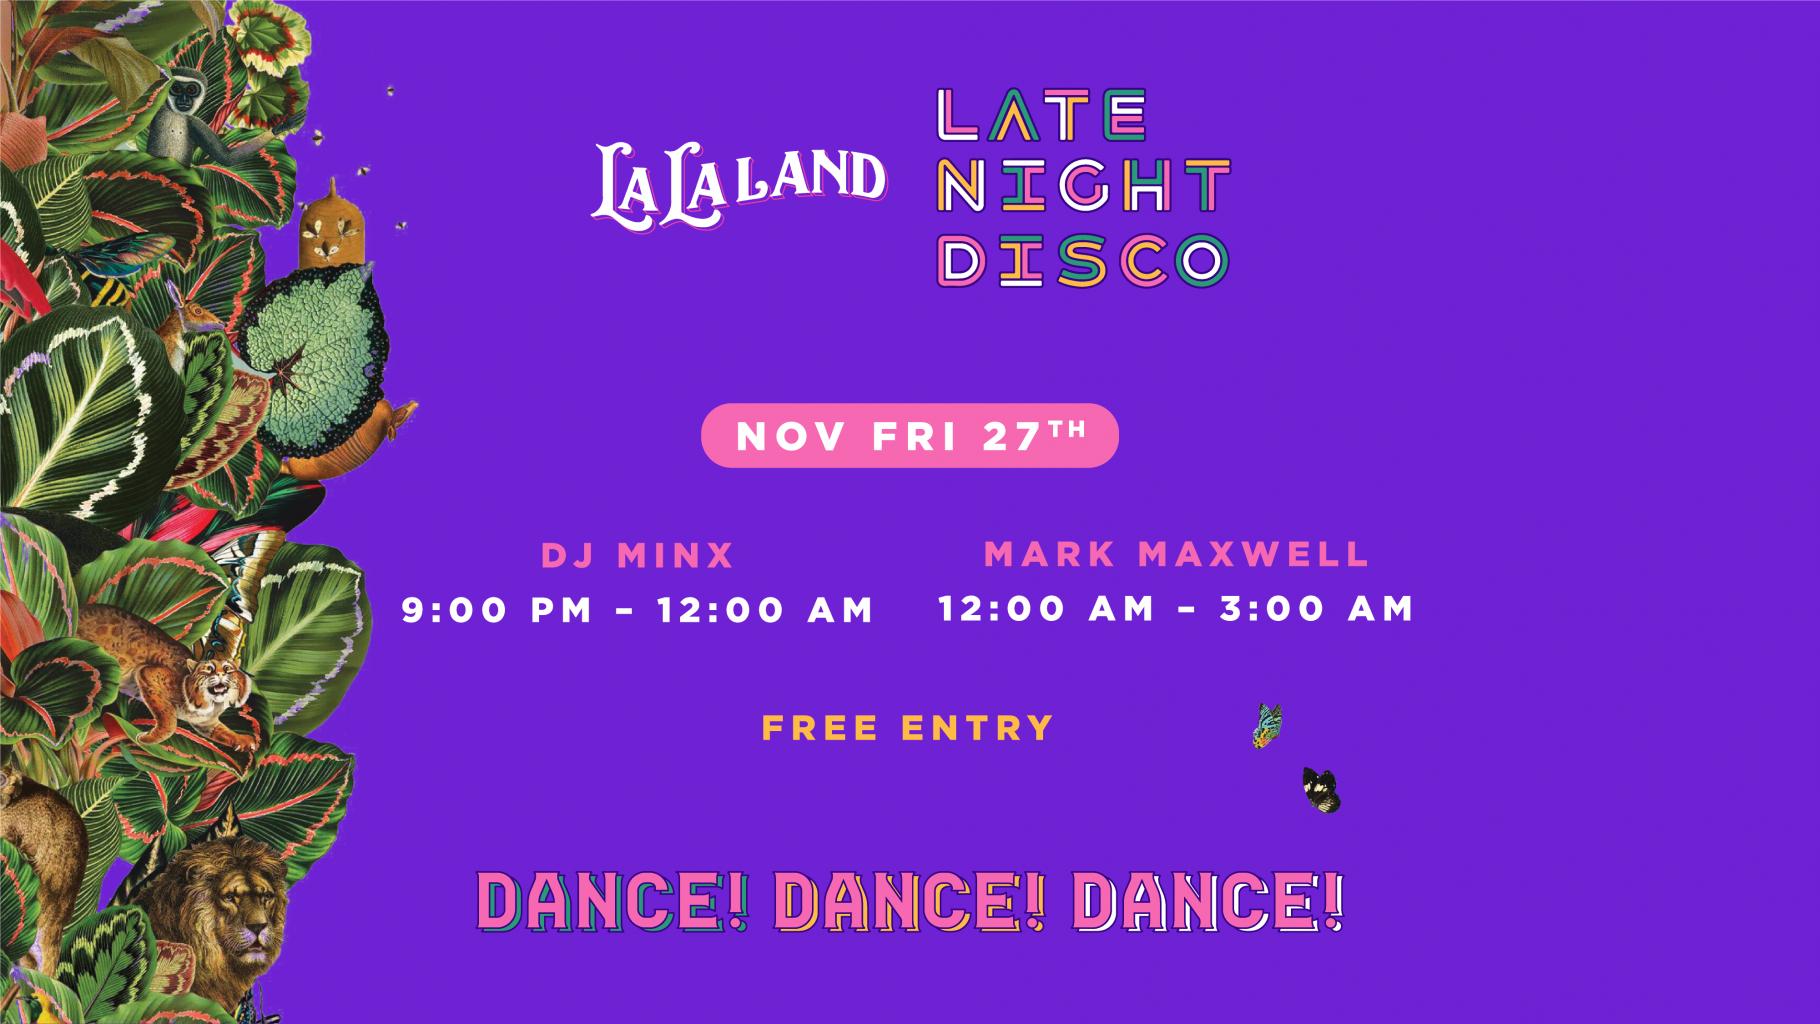 La La Land Late Night Disco – 27th November